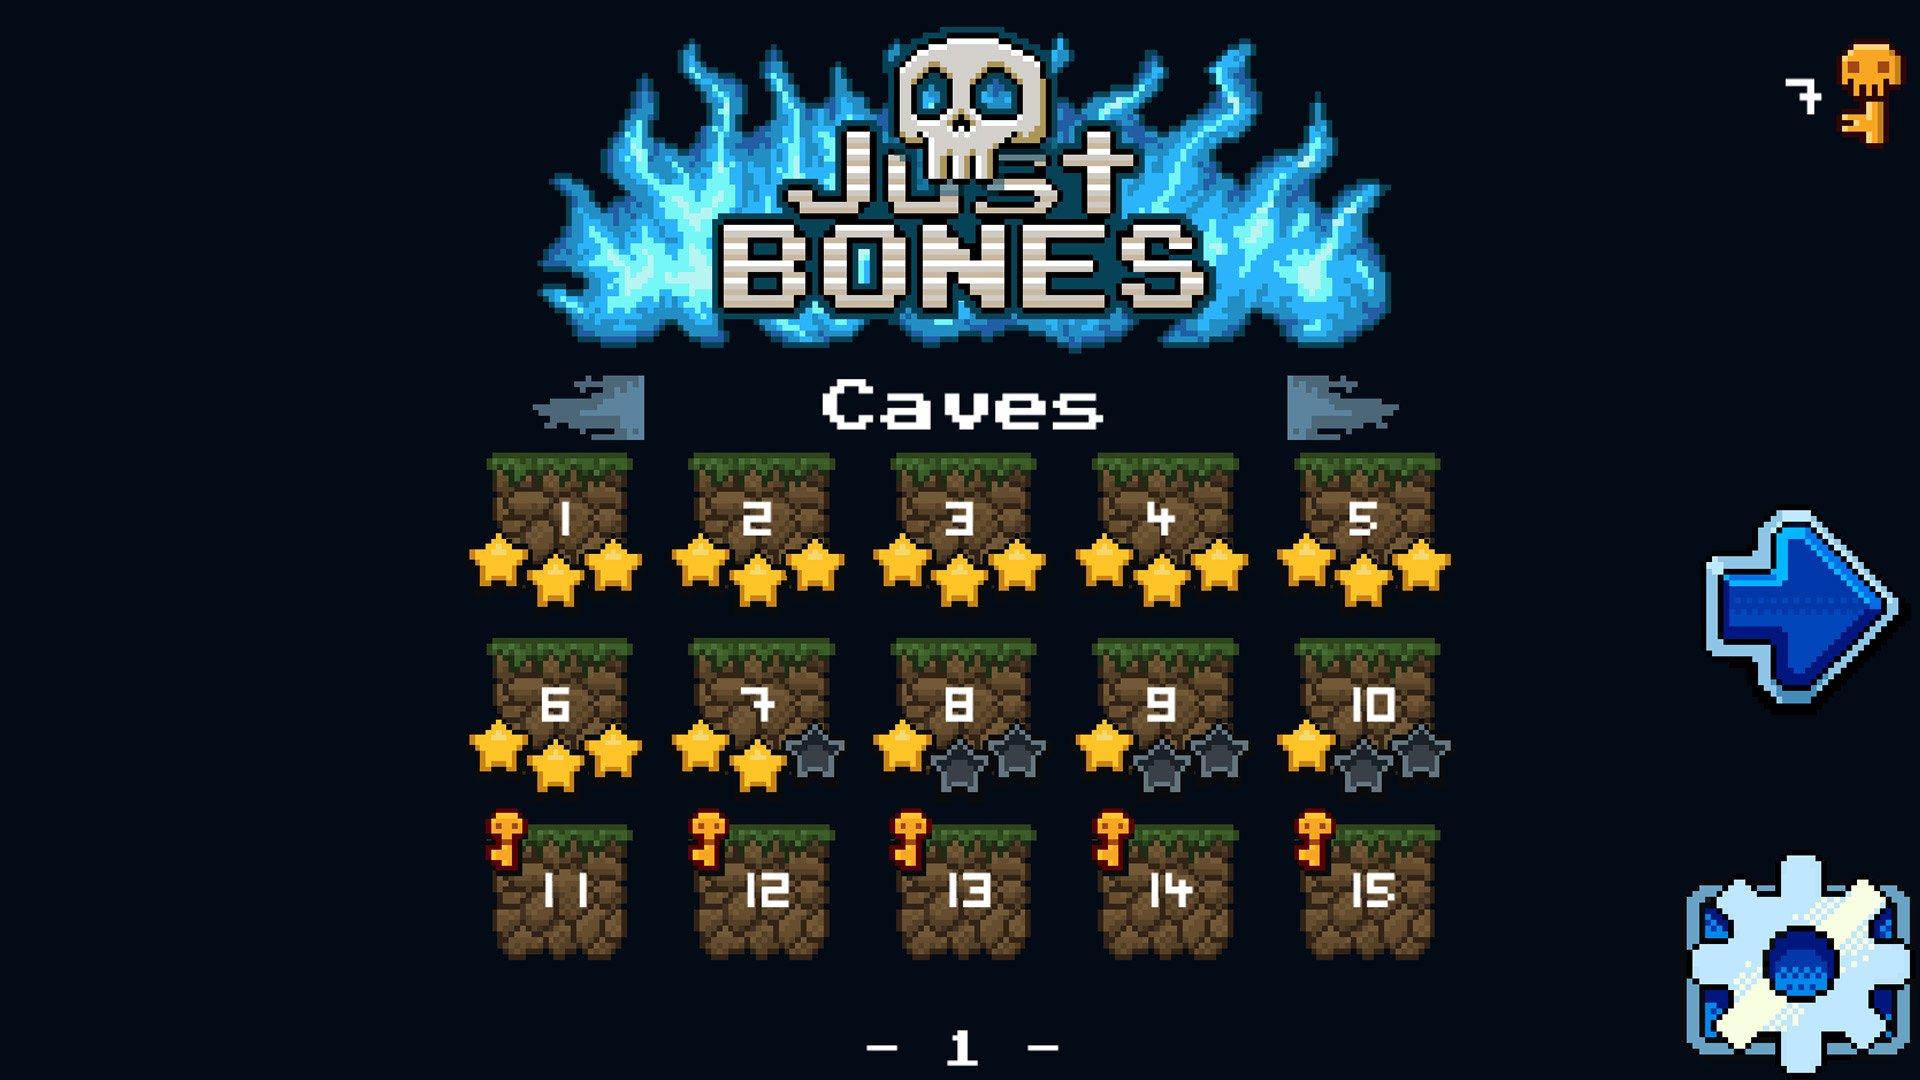 Собирая кости: в Steam вышел интересный харкдор-плафтормер Just Bones  - Изображение 5